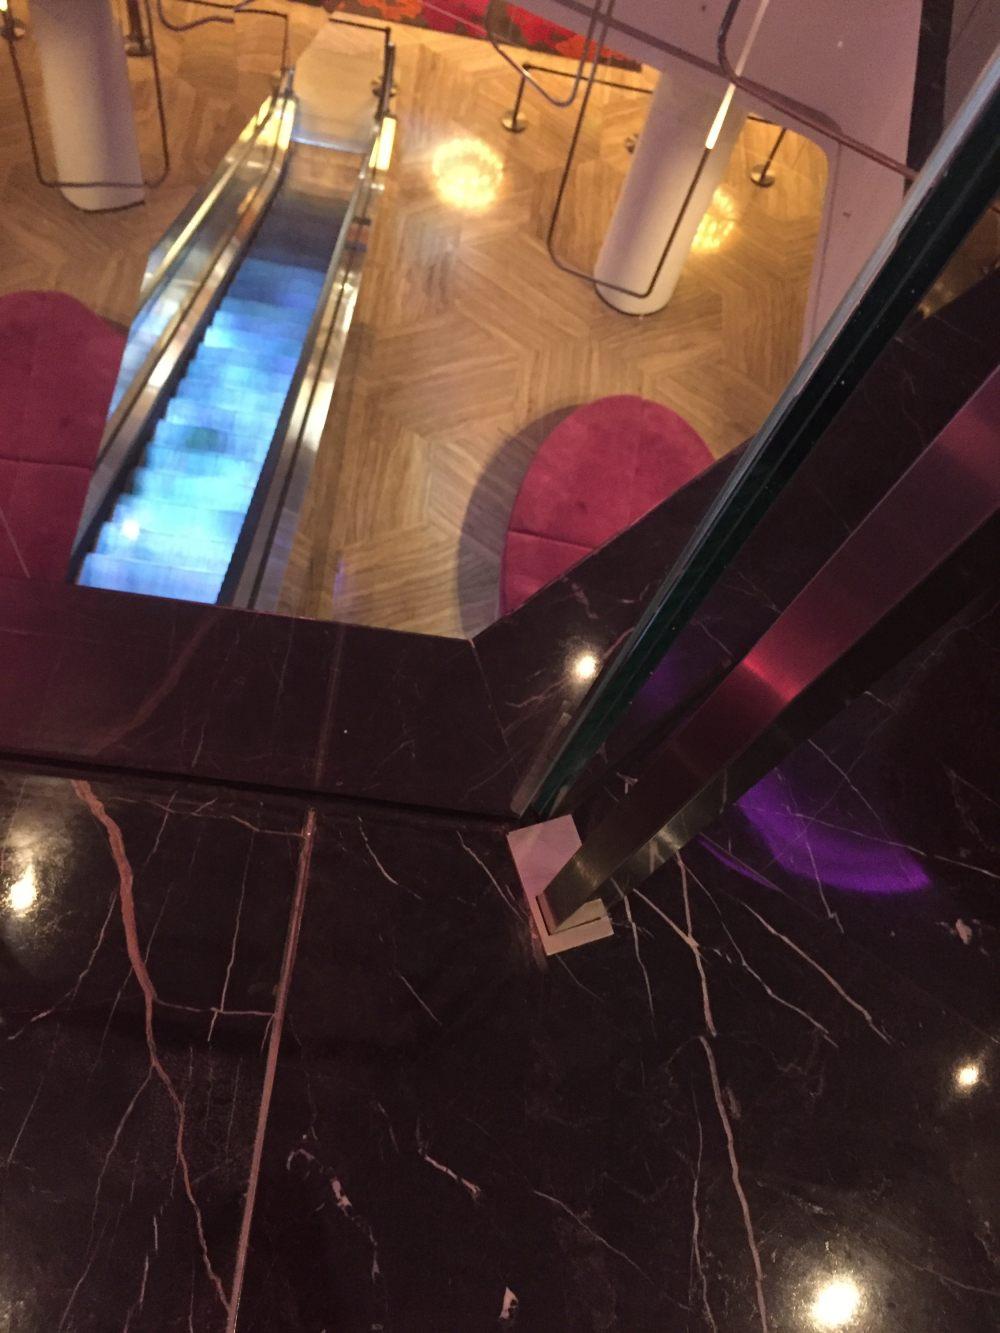 上海外滩W酒店,史上最全入住体验 自拍分享,申请置...._IMG_6128.JPG